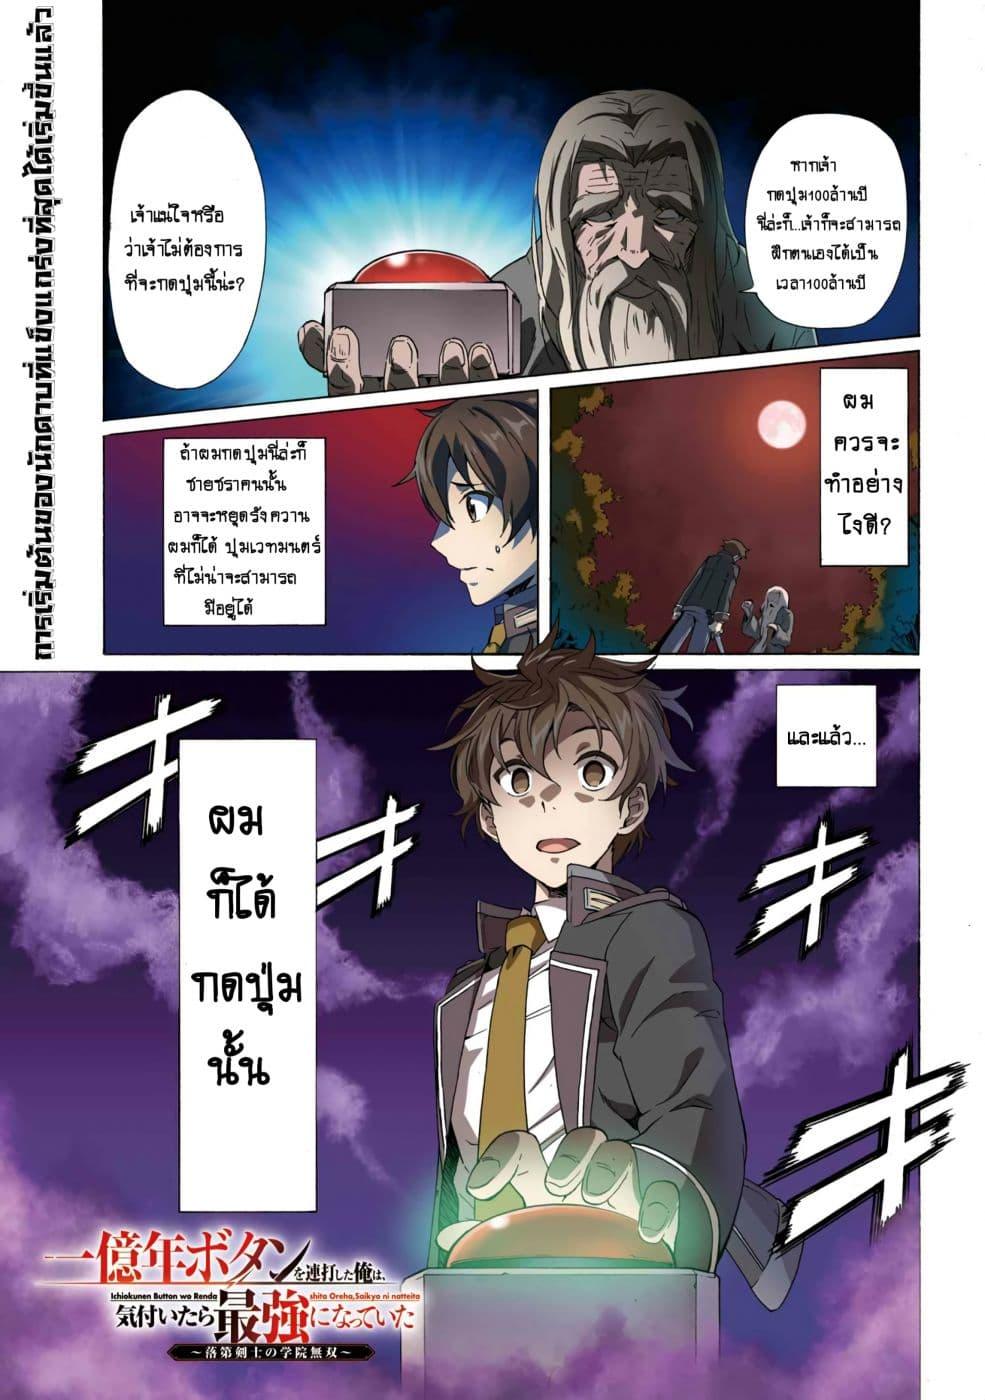 อ่านการ์ตูน Ichioku-nen Button o Renda Shita Ore wa Kizuitara Saikyou ni Natteita ตอนที่ 1.1 หน้าที่ 2